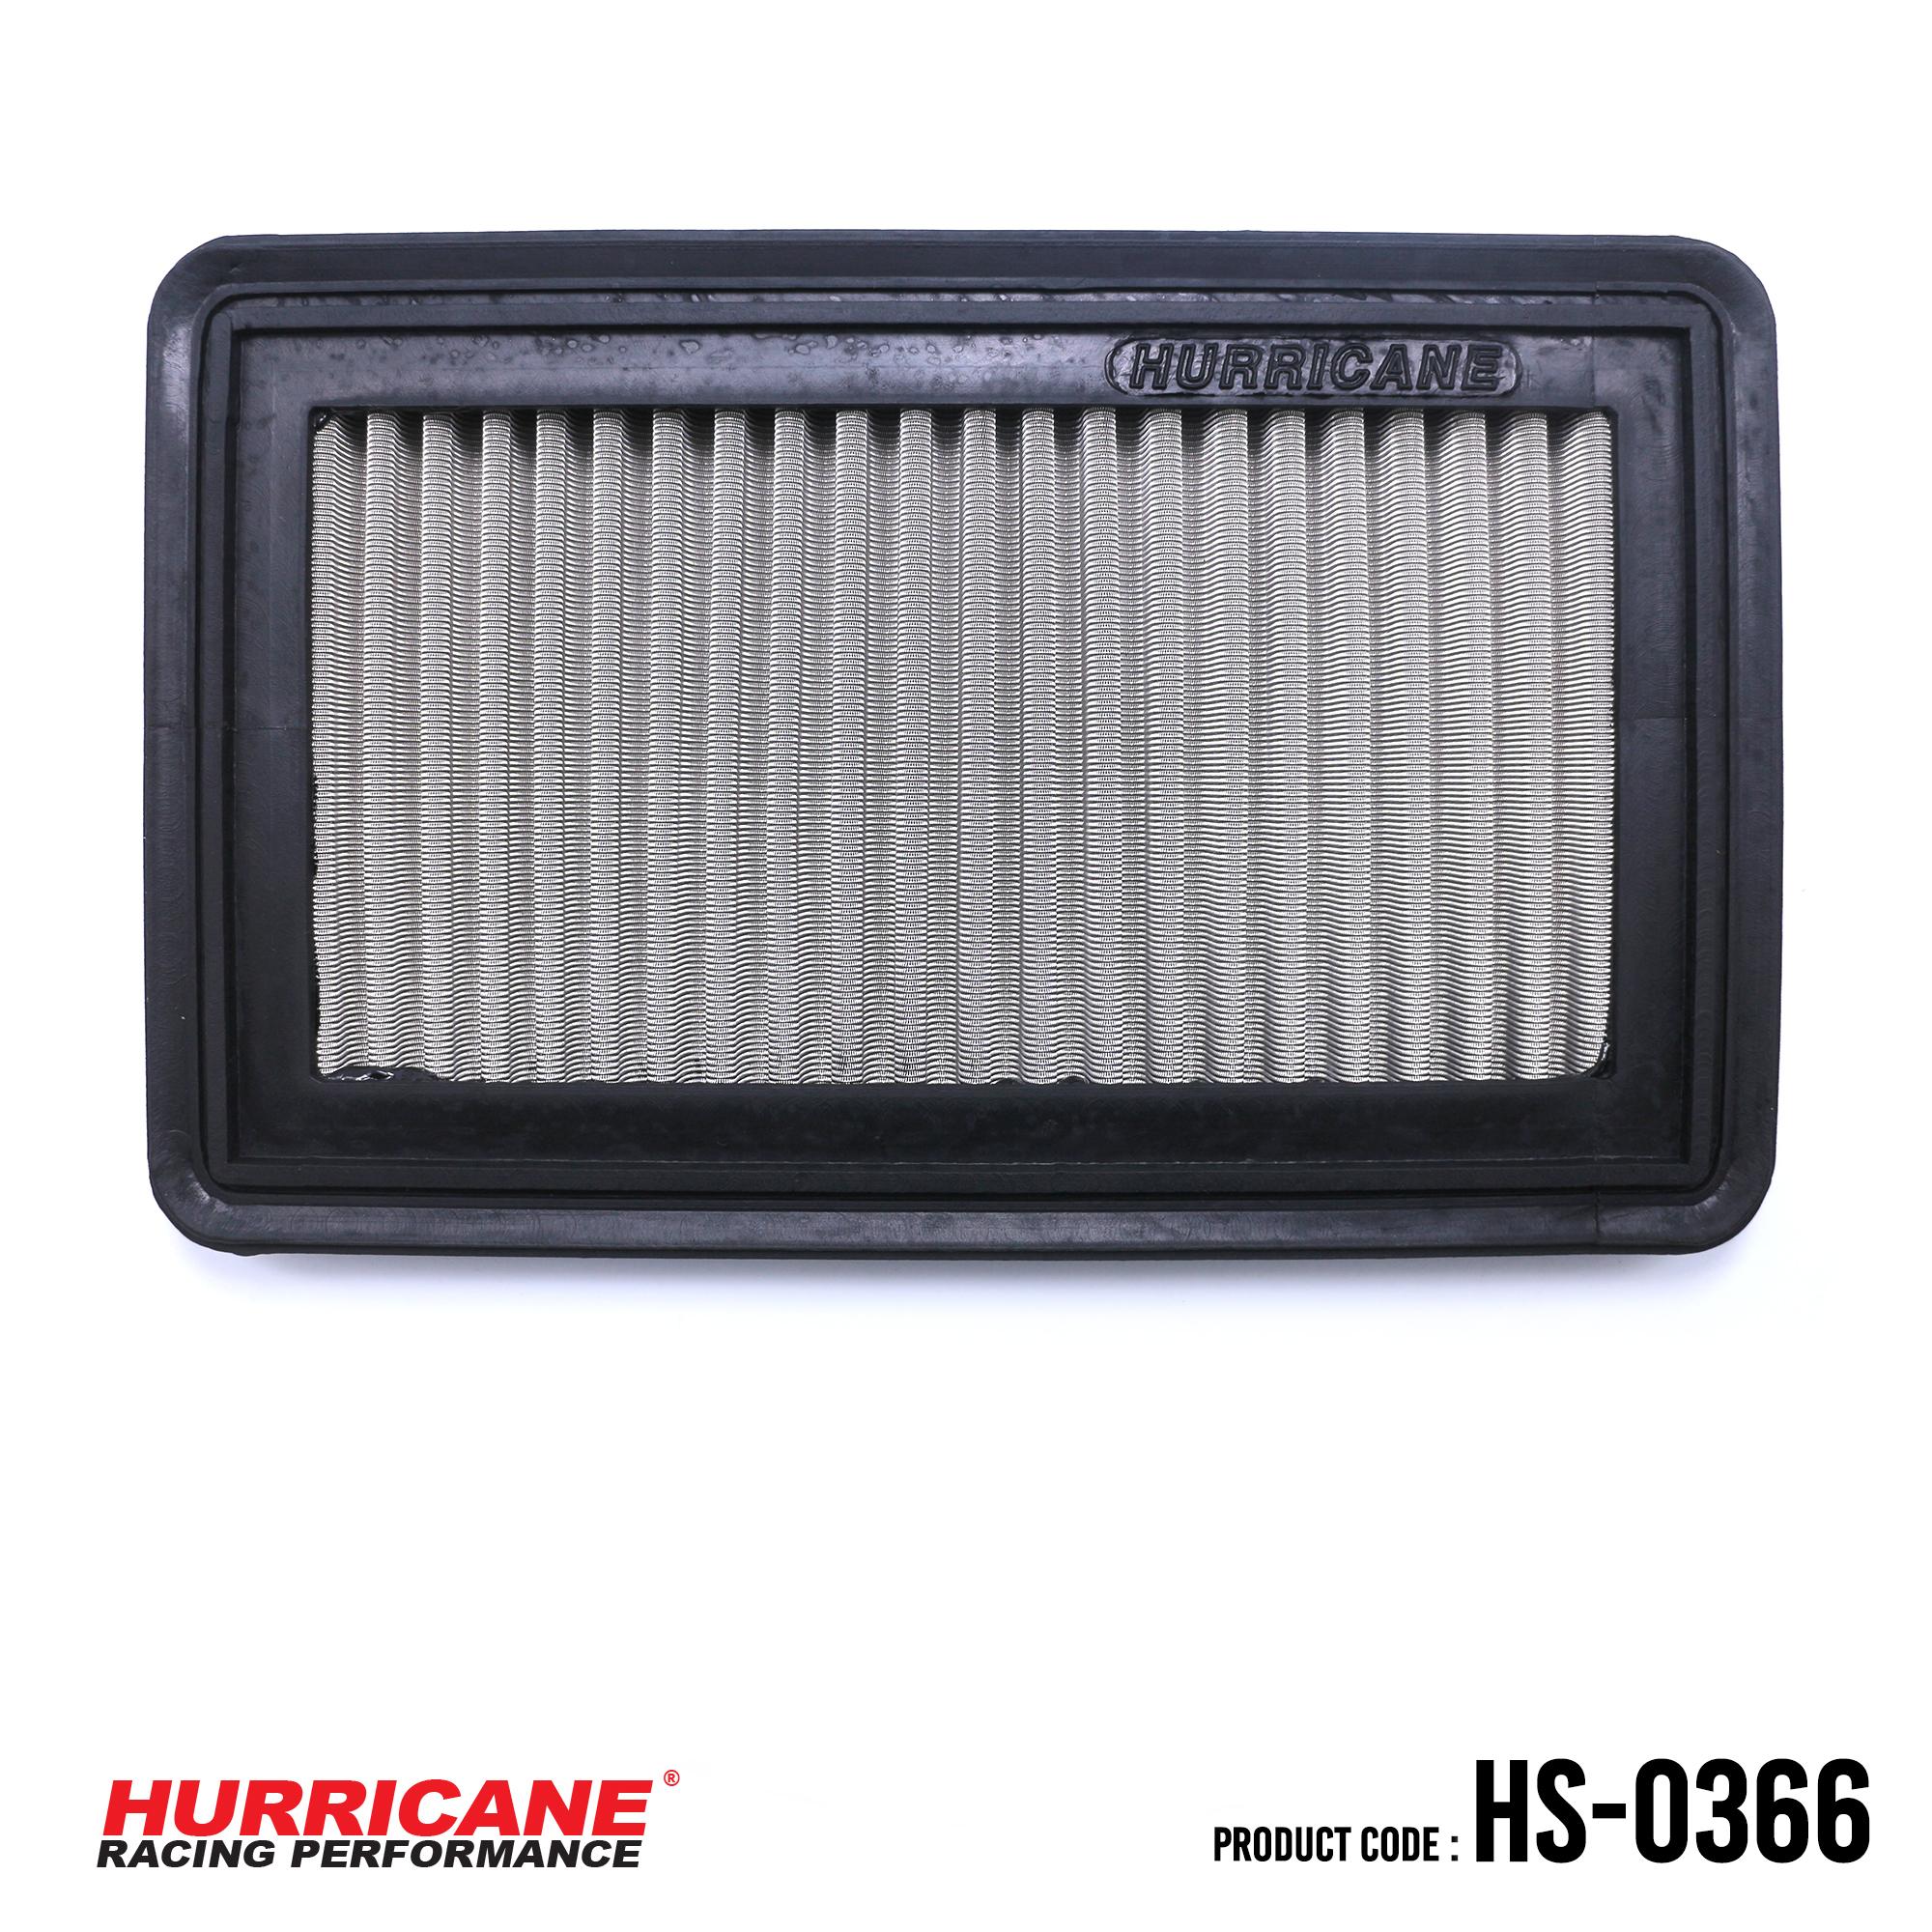 HURRICANE STAINLESS STEEL AIR FILTER FOR HS-0366 Honda